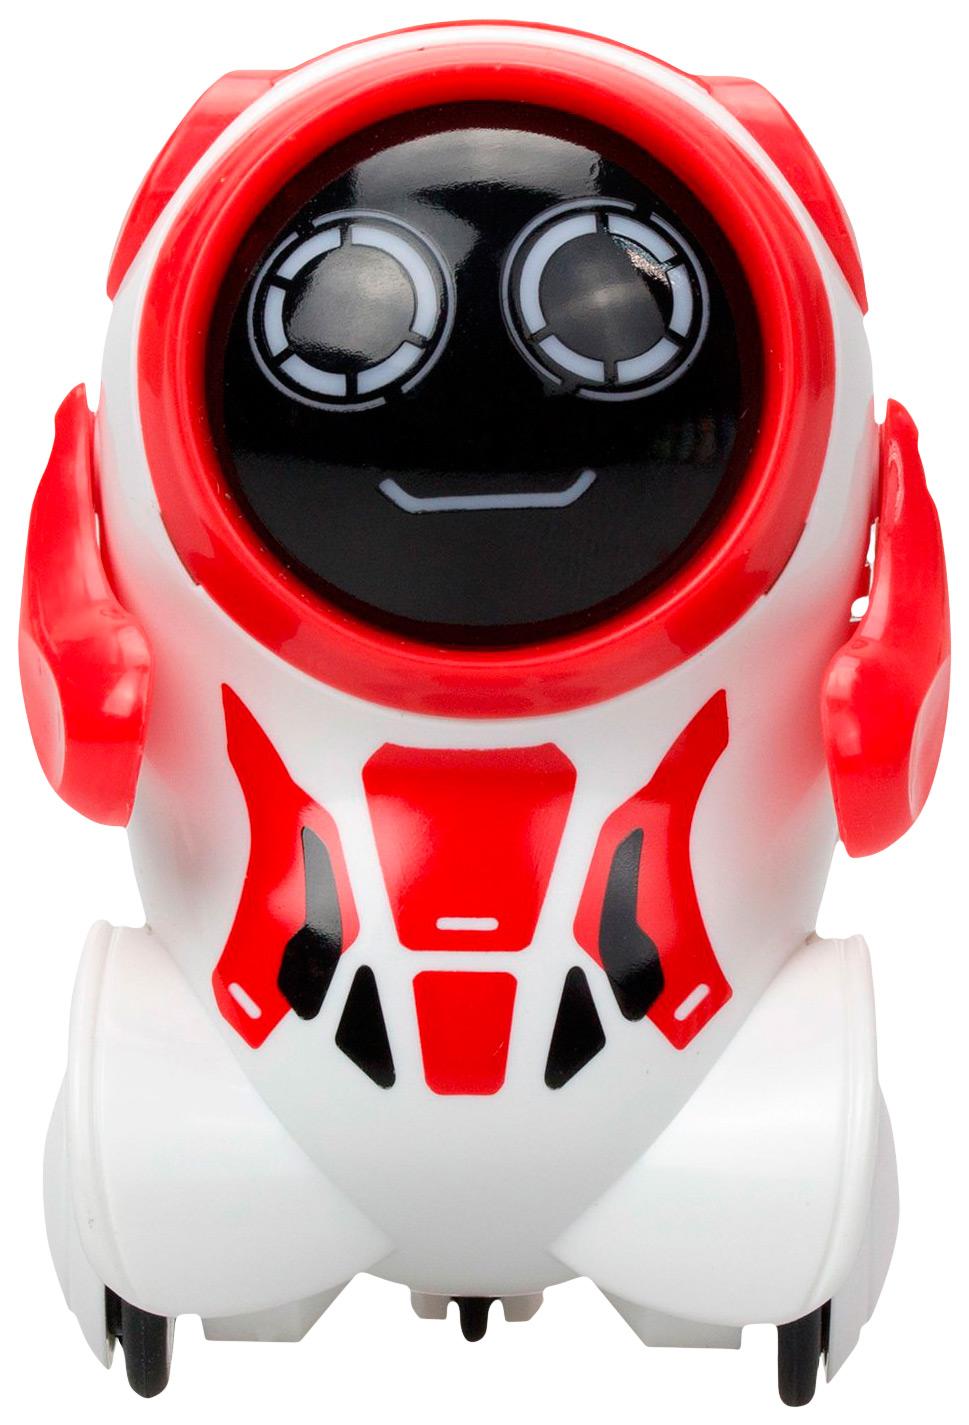 Купить Интерактивный робот Silverlit YCOO Покибот 88529S-2, Интерактивные роботы